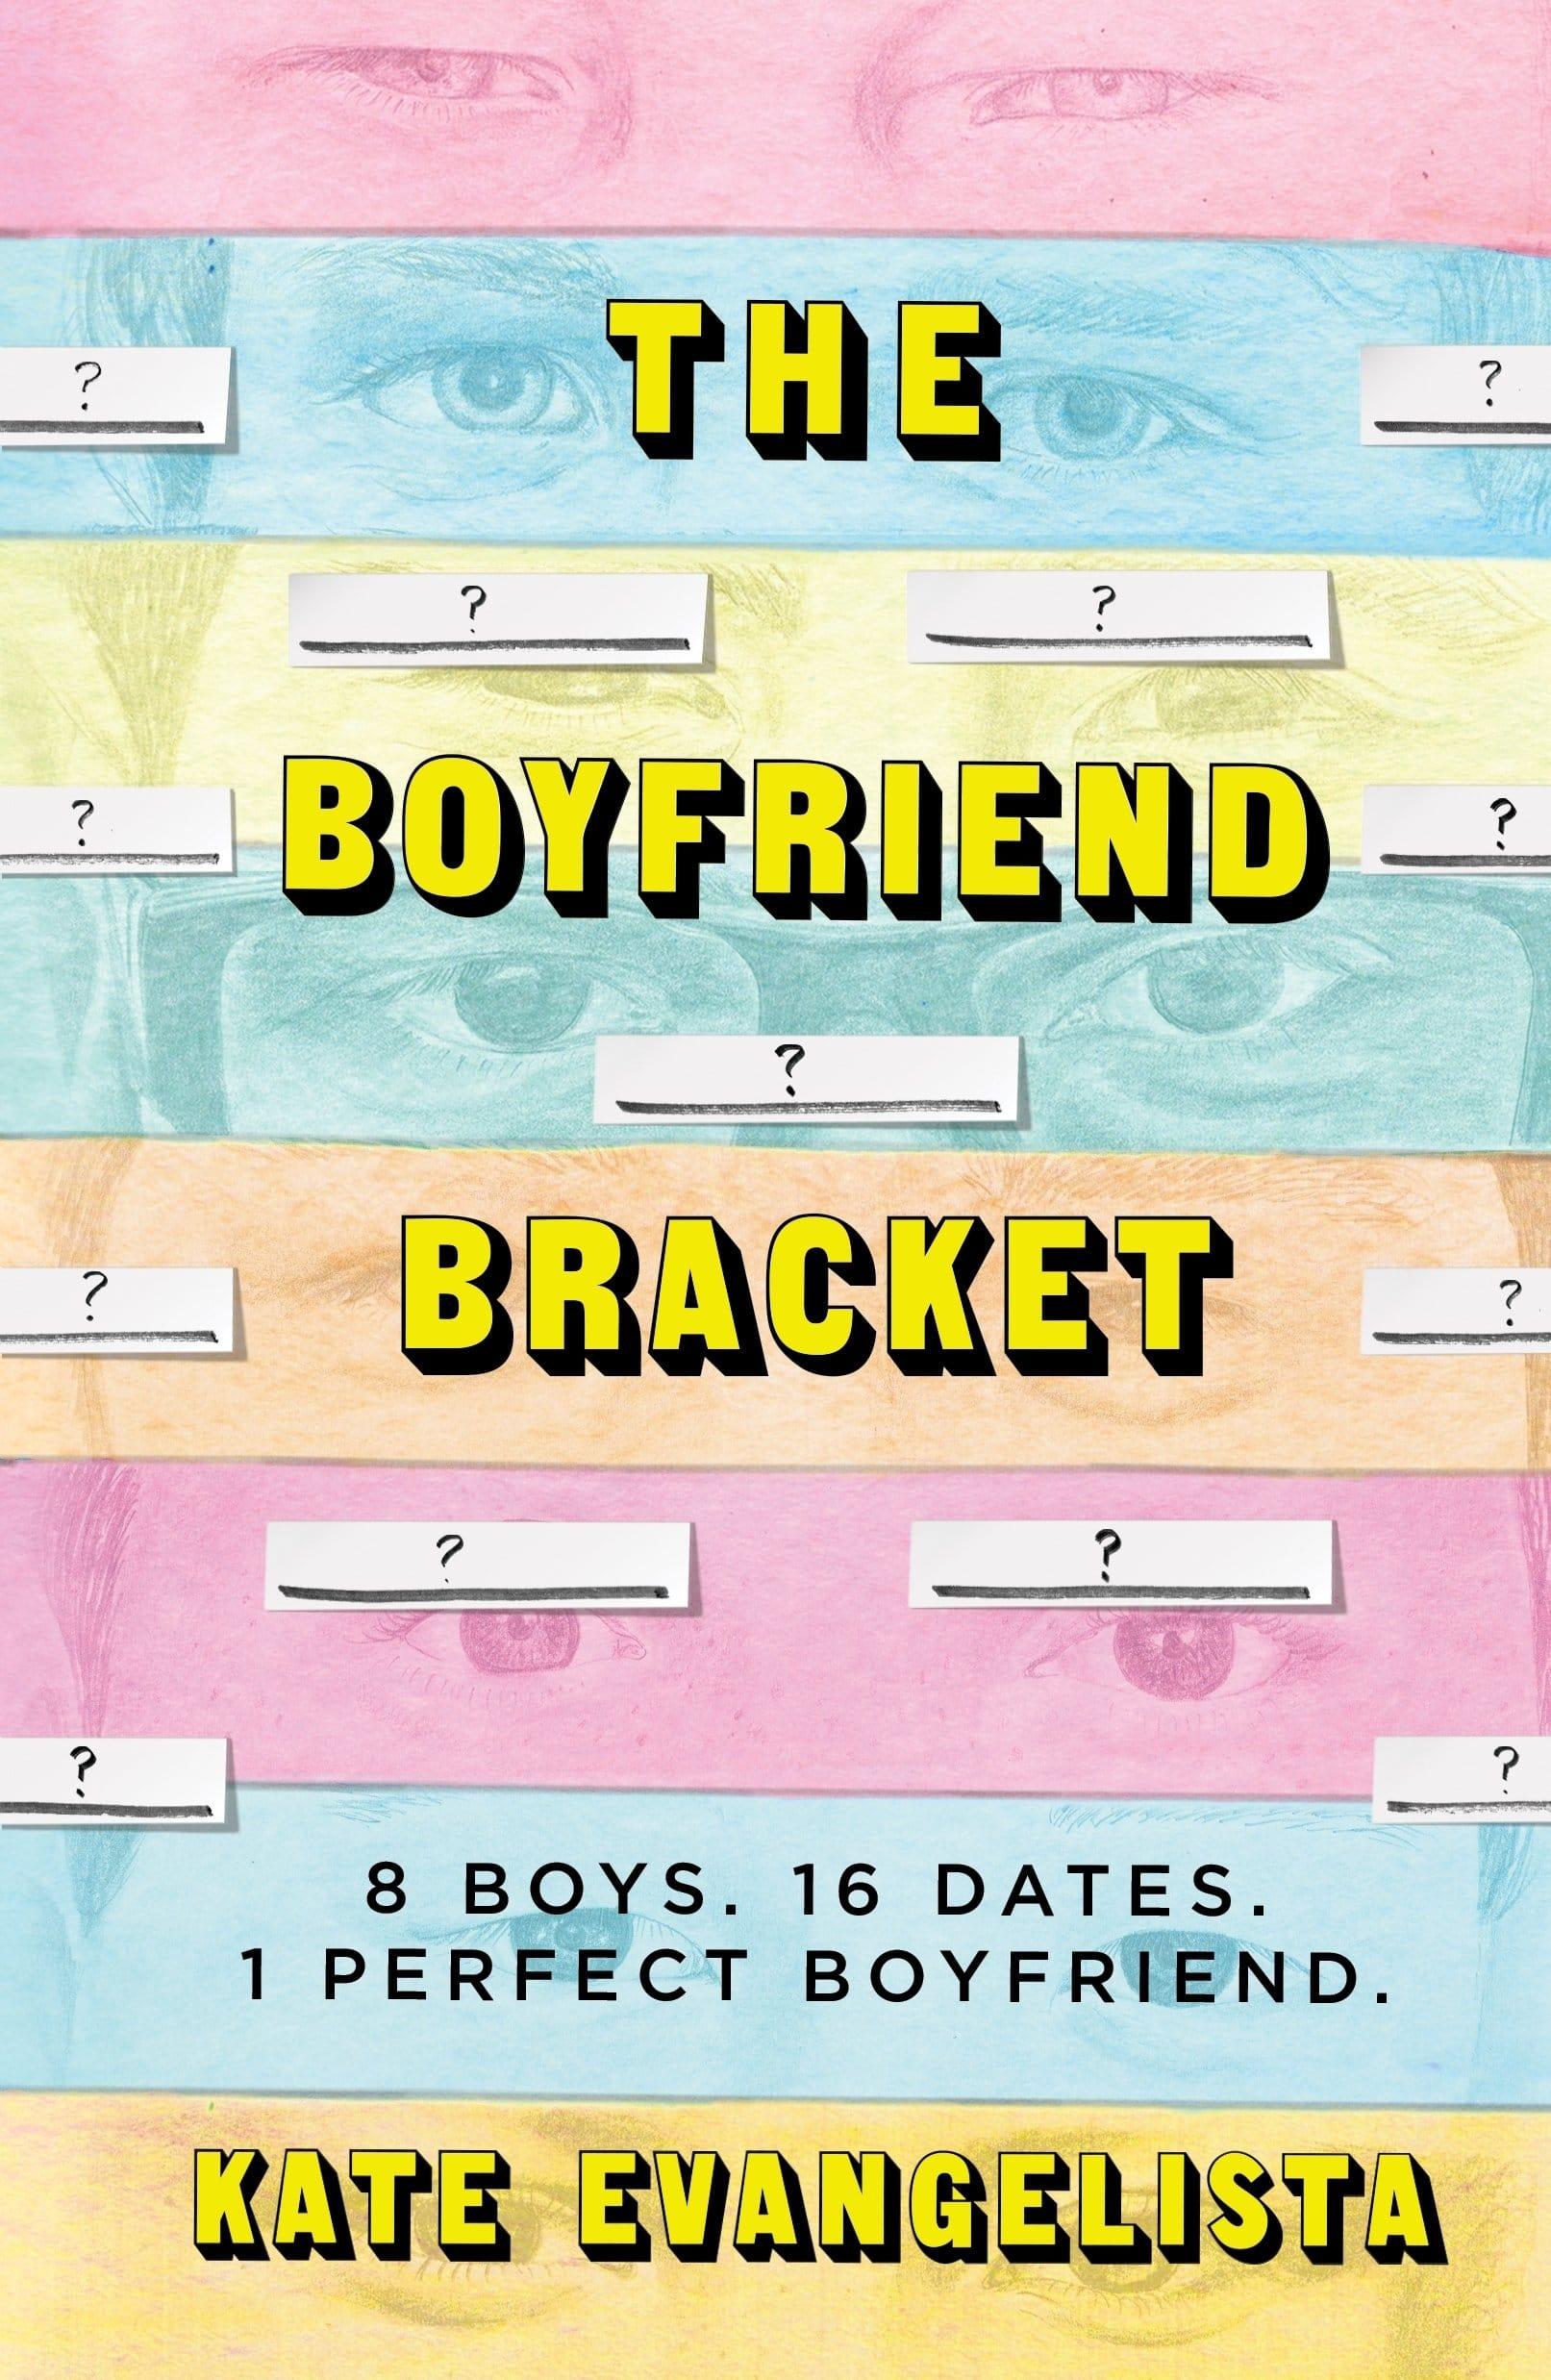 A Boyfriend but No Real Bracket | The Boyfriend Bracket by Kate Evangelista